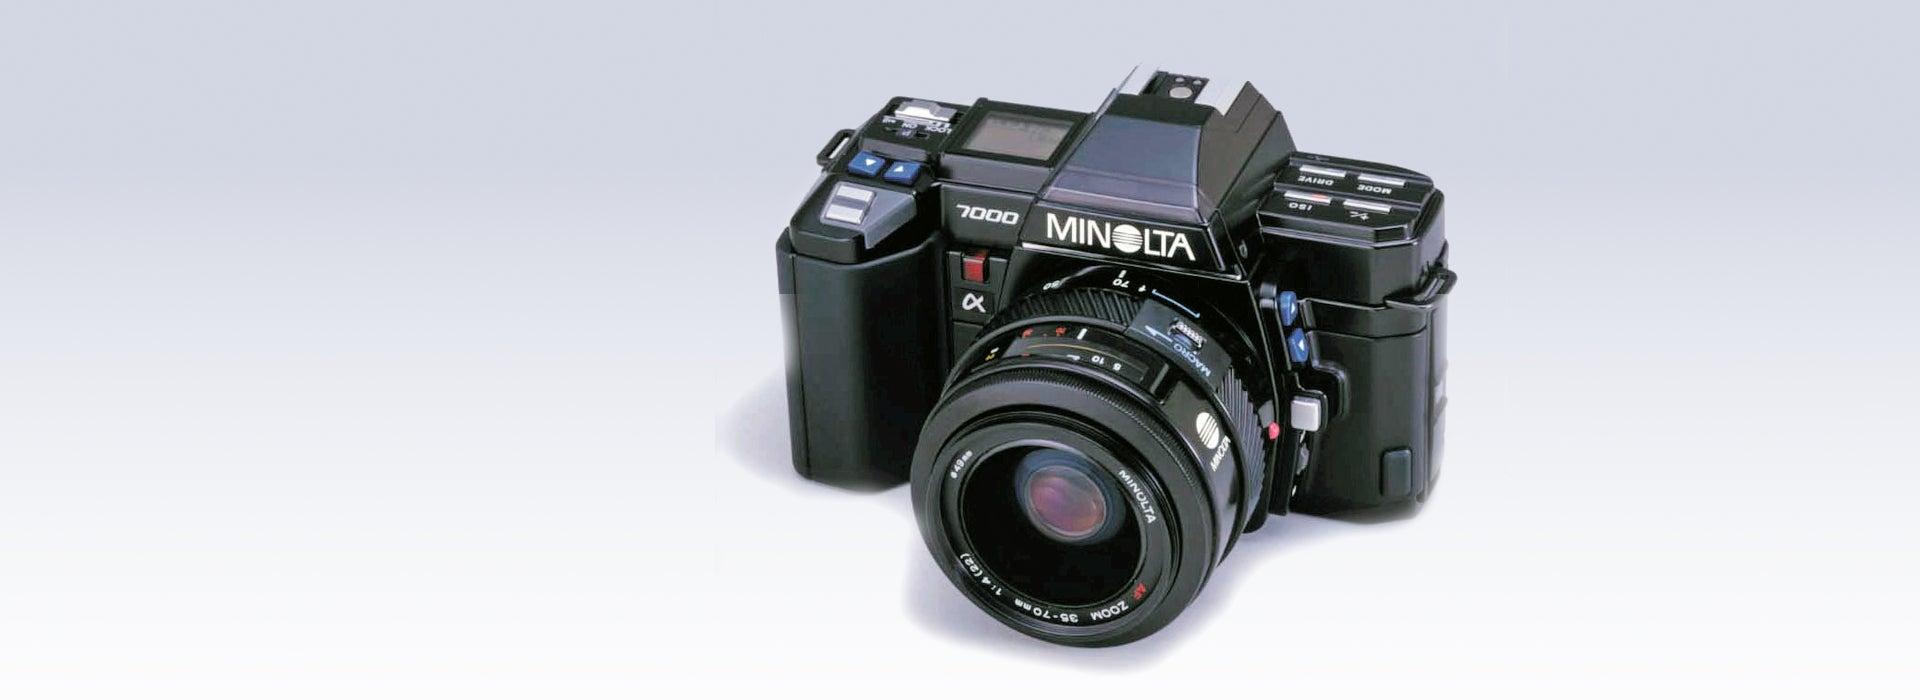 """La Minolta 7000 registrada como """"Material Histórico Esencial para la Ciencia y la Tecnología"""" por el Museo Nacional de Naturaleza y Ciencia"""